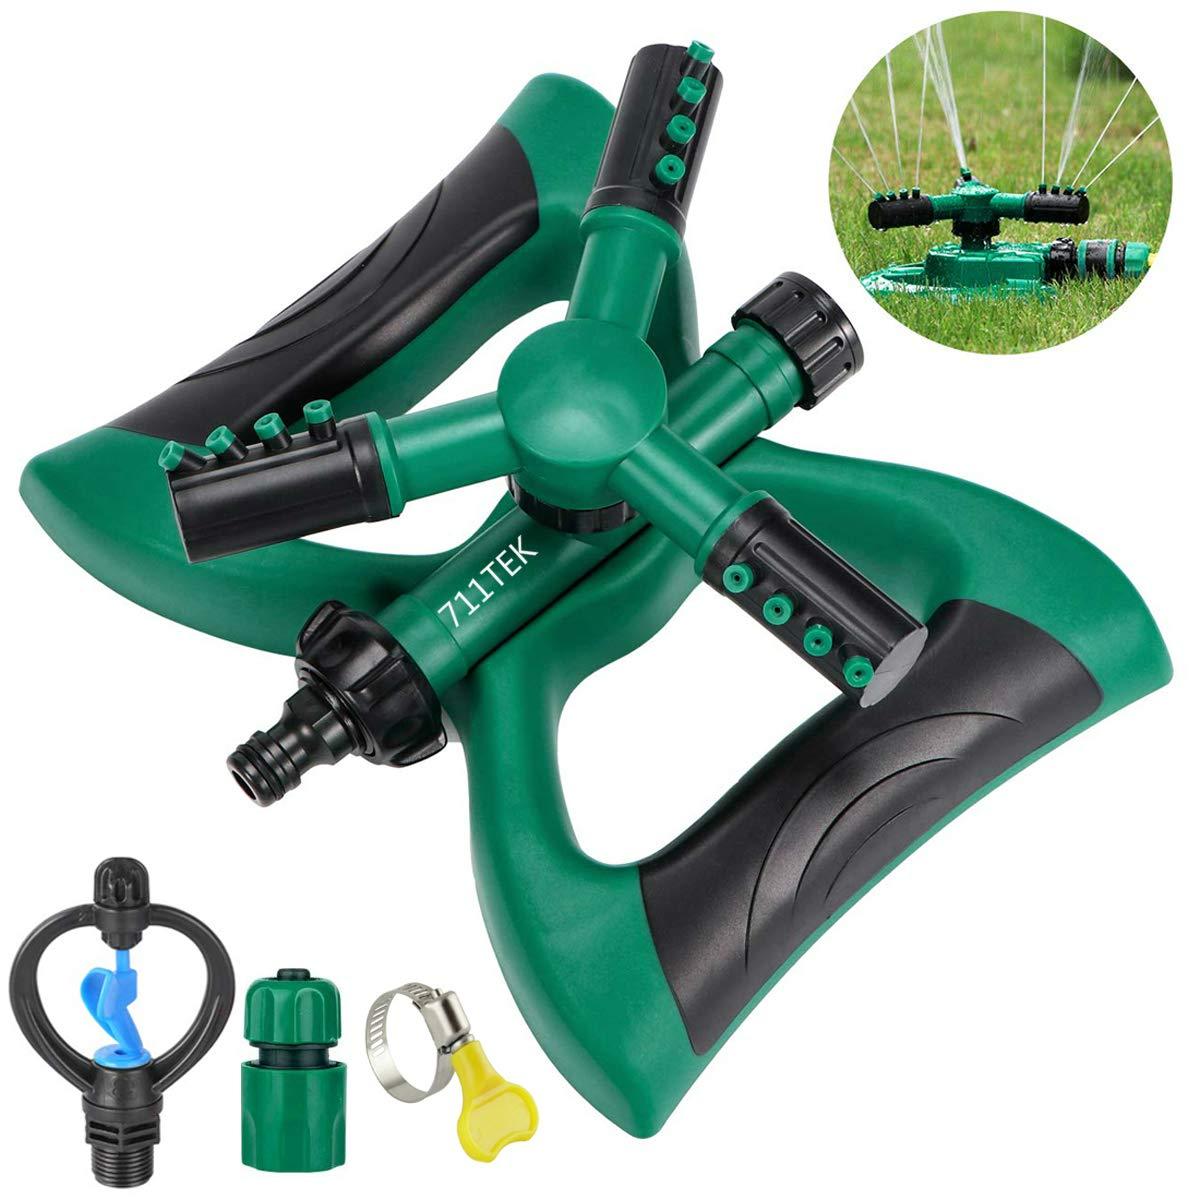 711TEK Sprinkler Irrigation Adjustable Oscillating